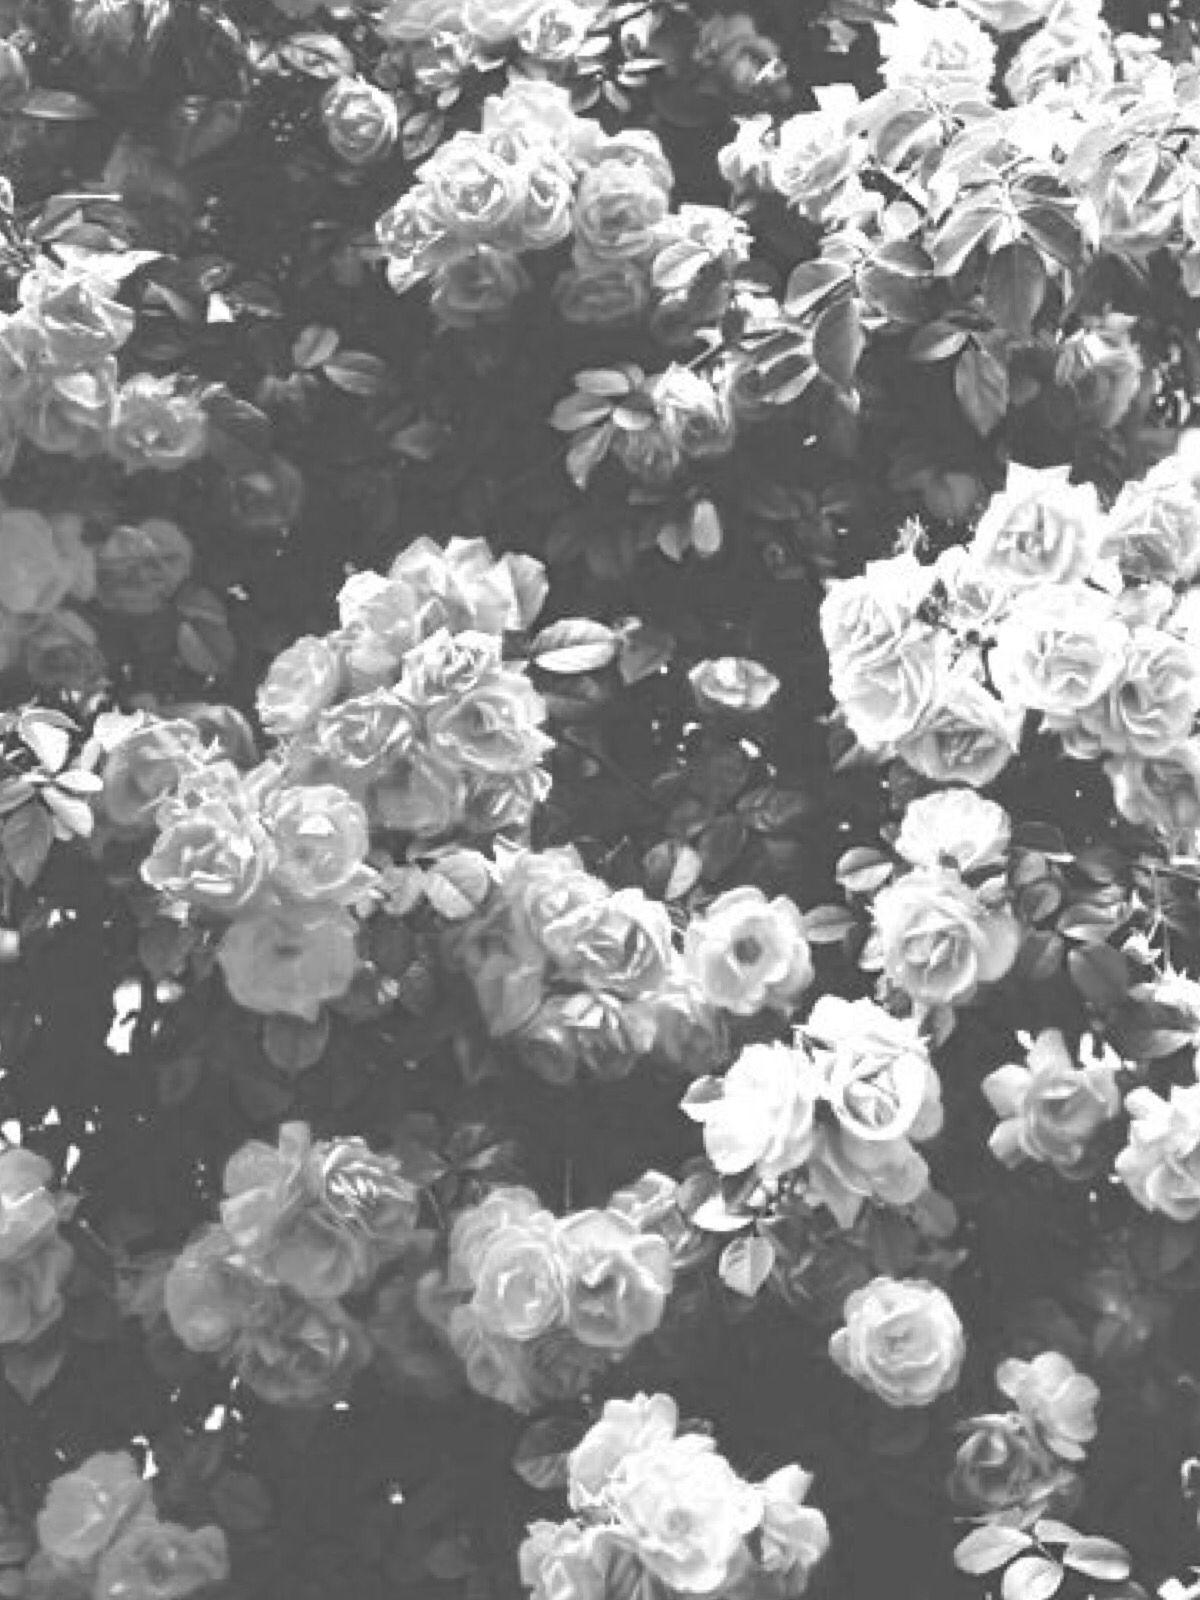 Black and white flower wallpaper ハッピーバースデー 画像, 花 背景, バースデー画像